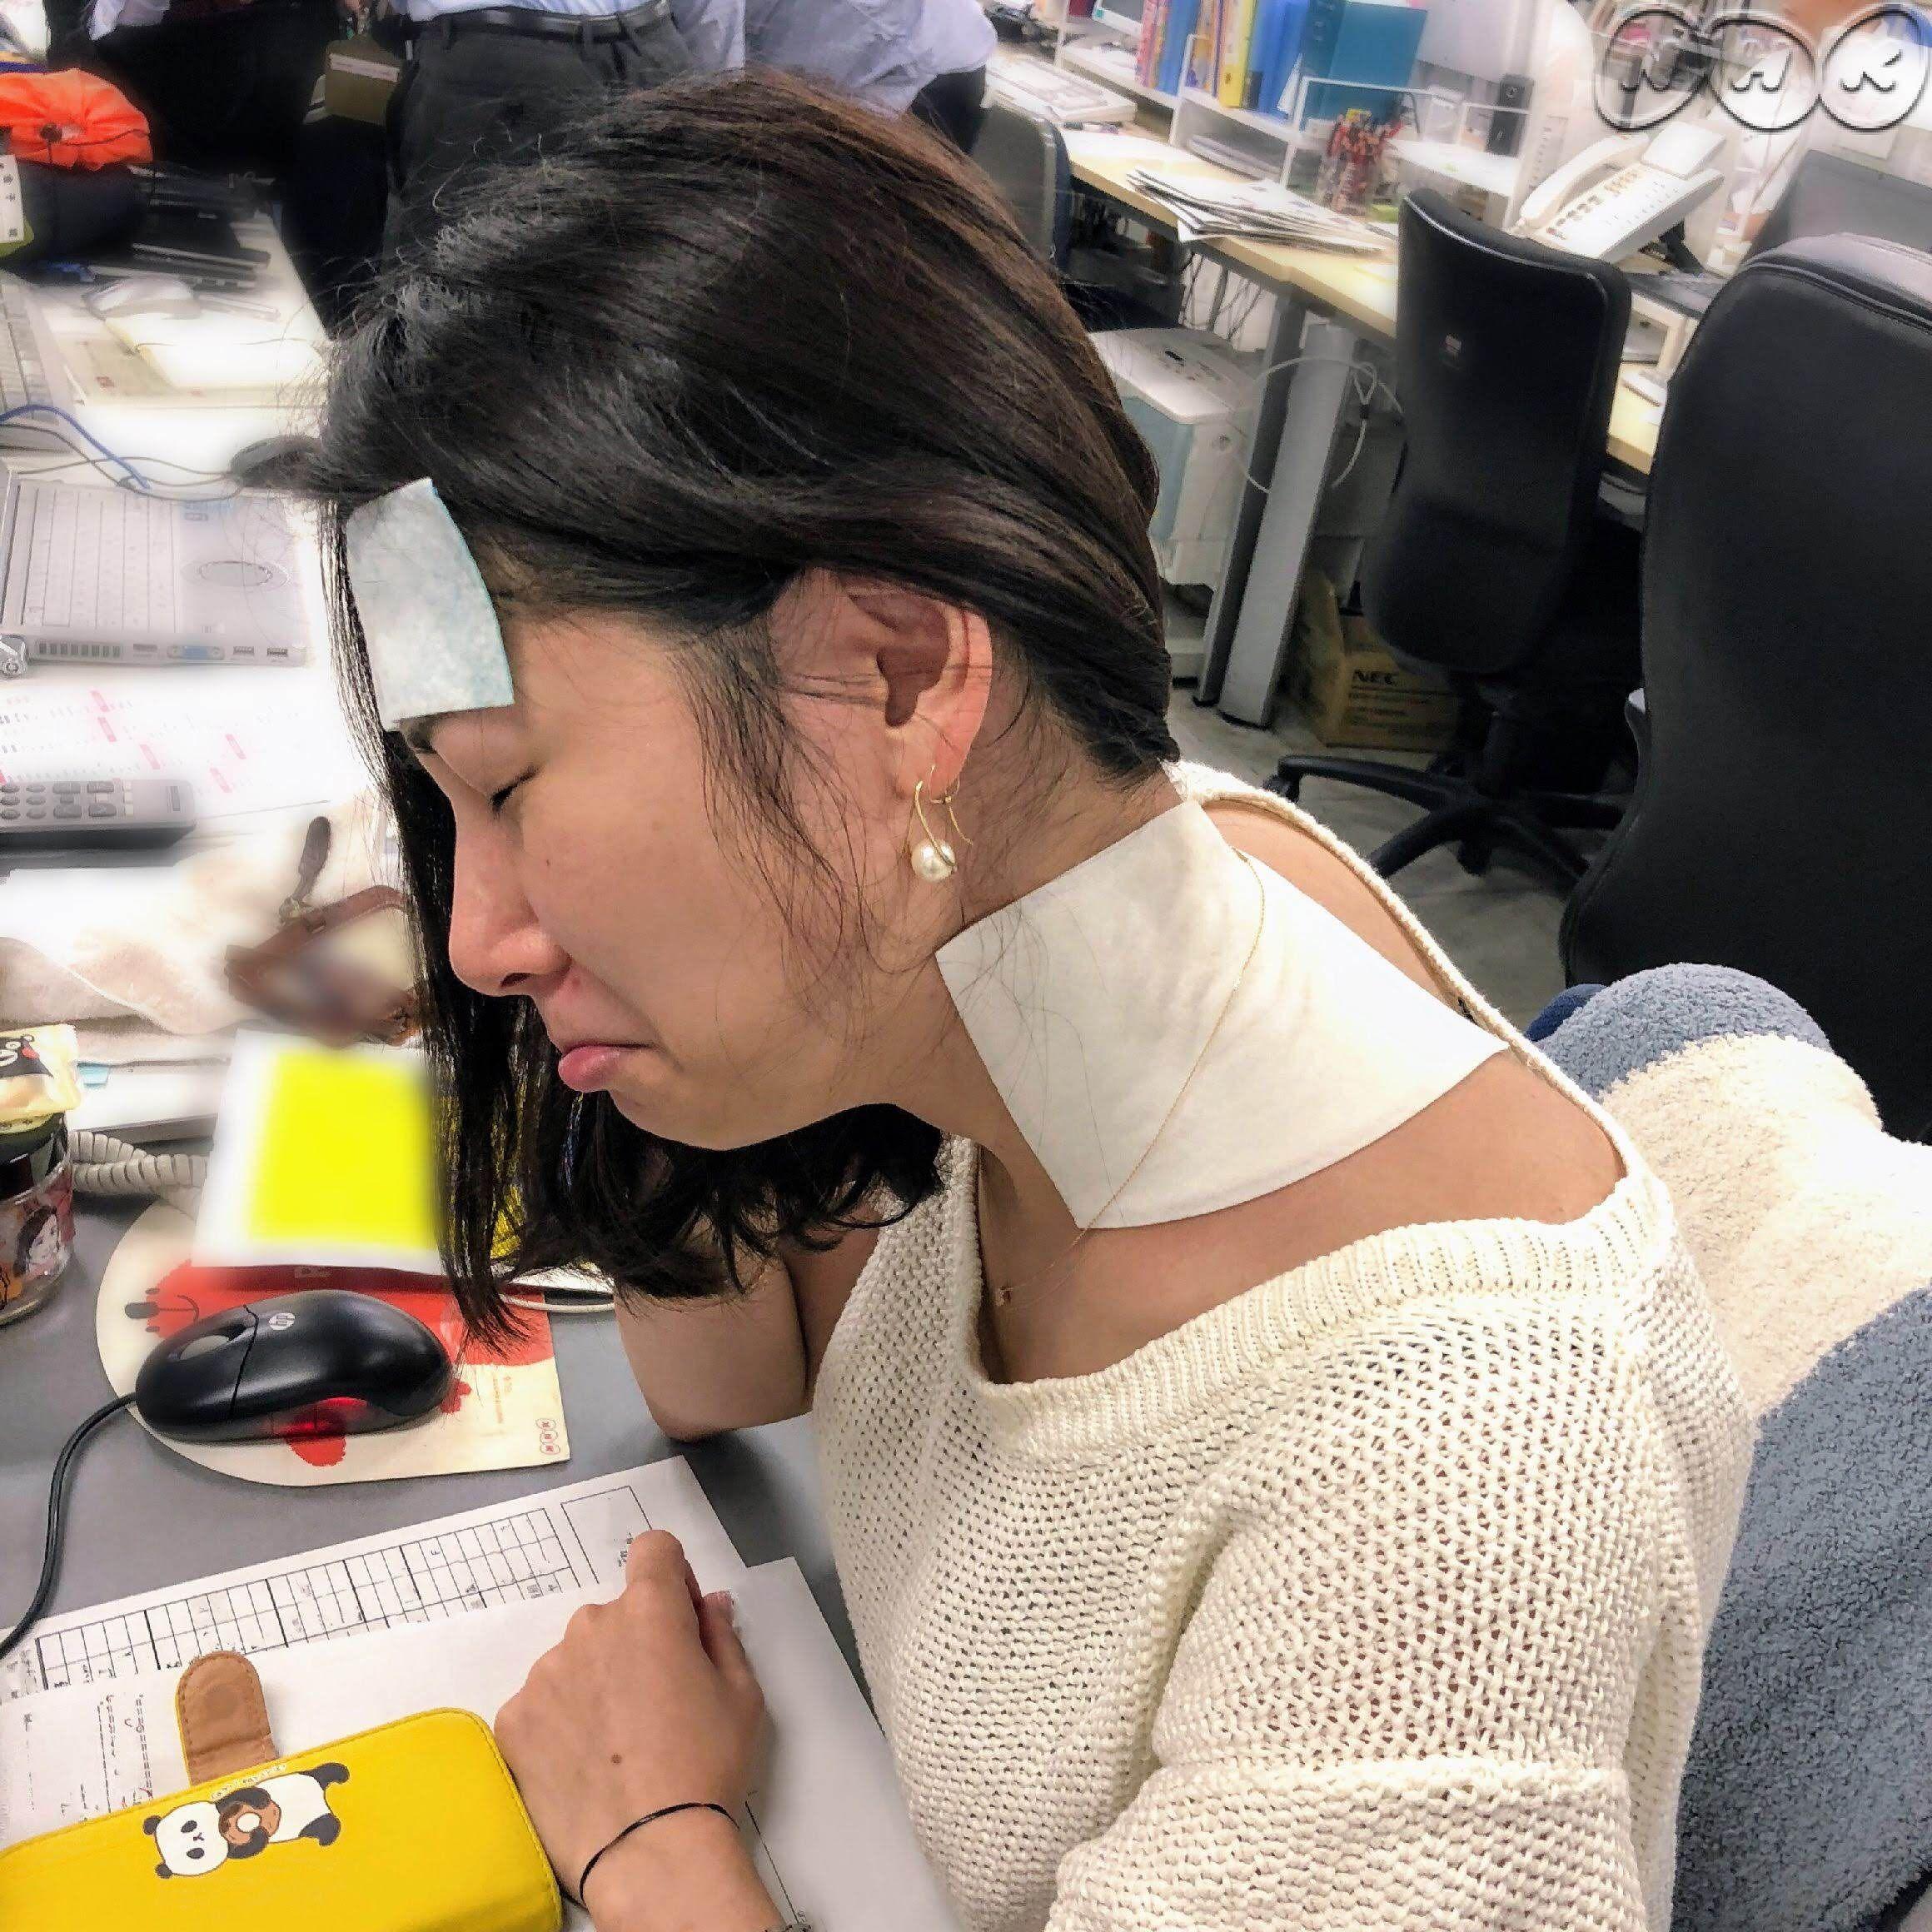 桑子フォト ニュースウオッチ9 nhk 桑子 美人 アナウンサー 働く女性